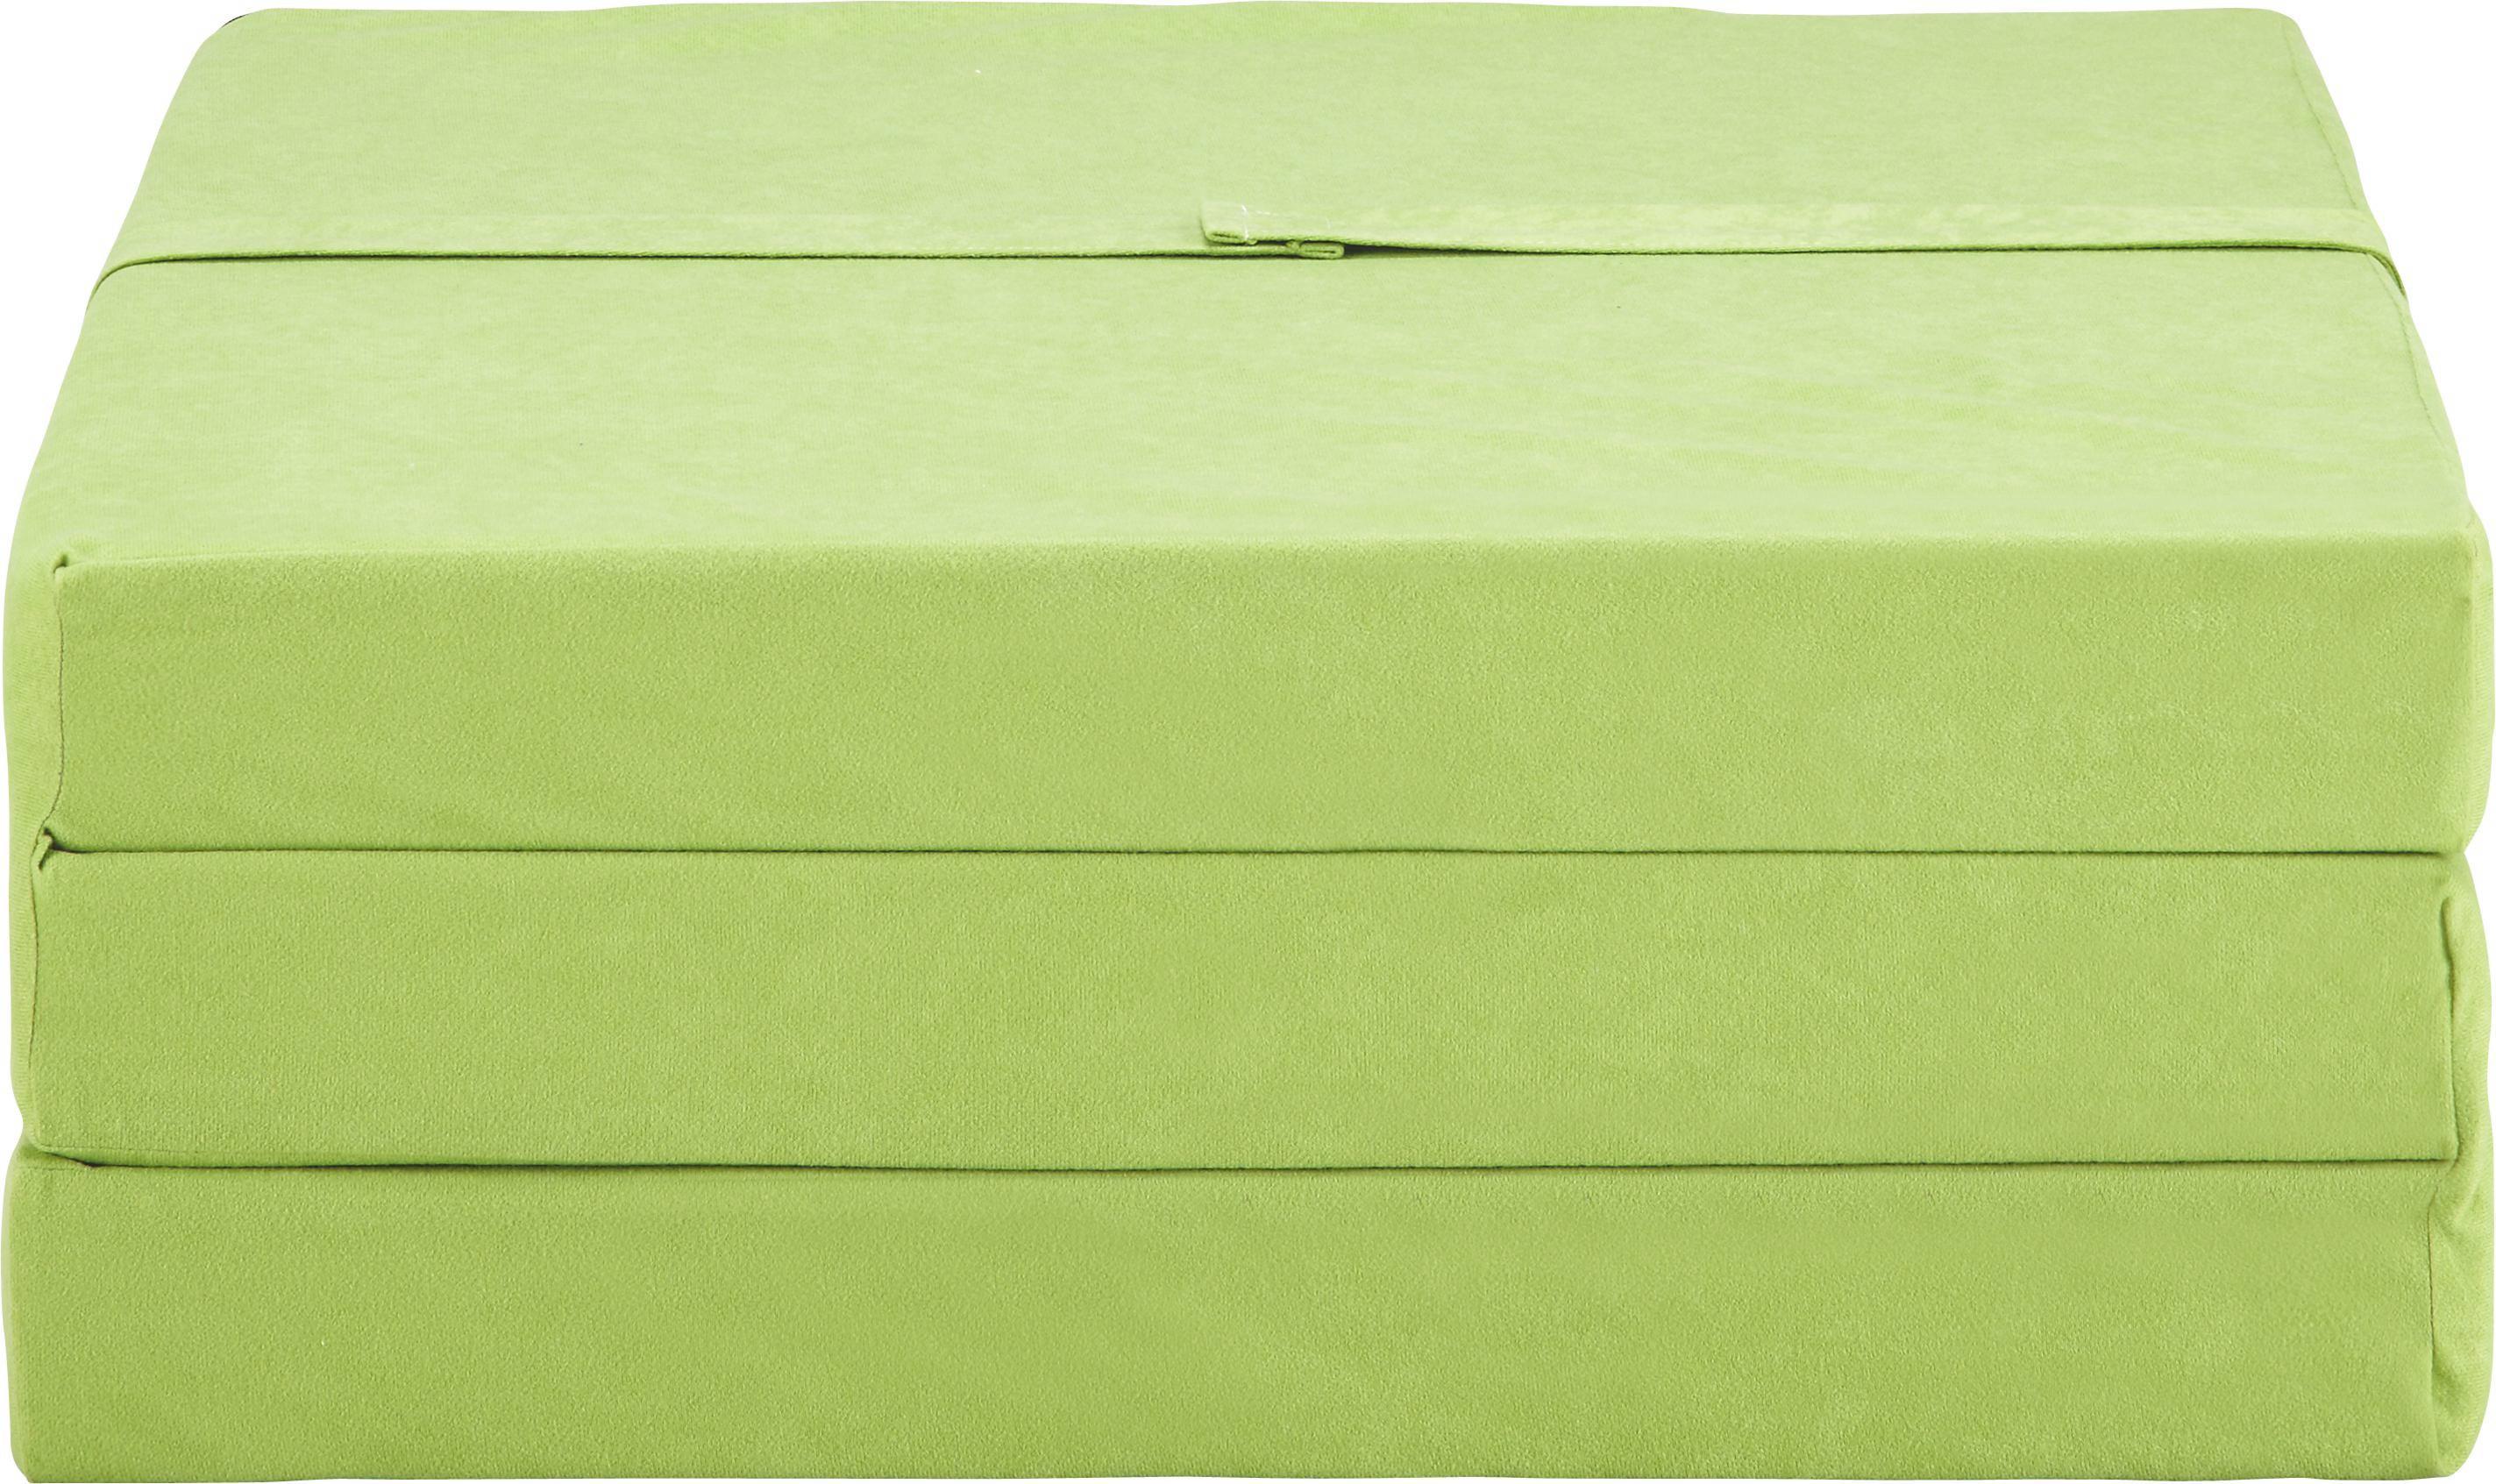 Zložljivo Ležišče Anna - zelena, Moderno, tekstil (185/65/8cm)